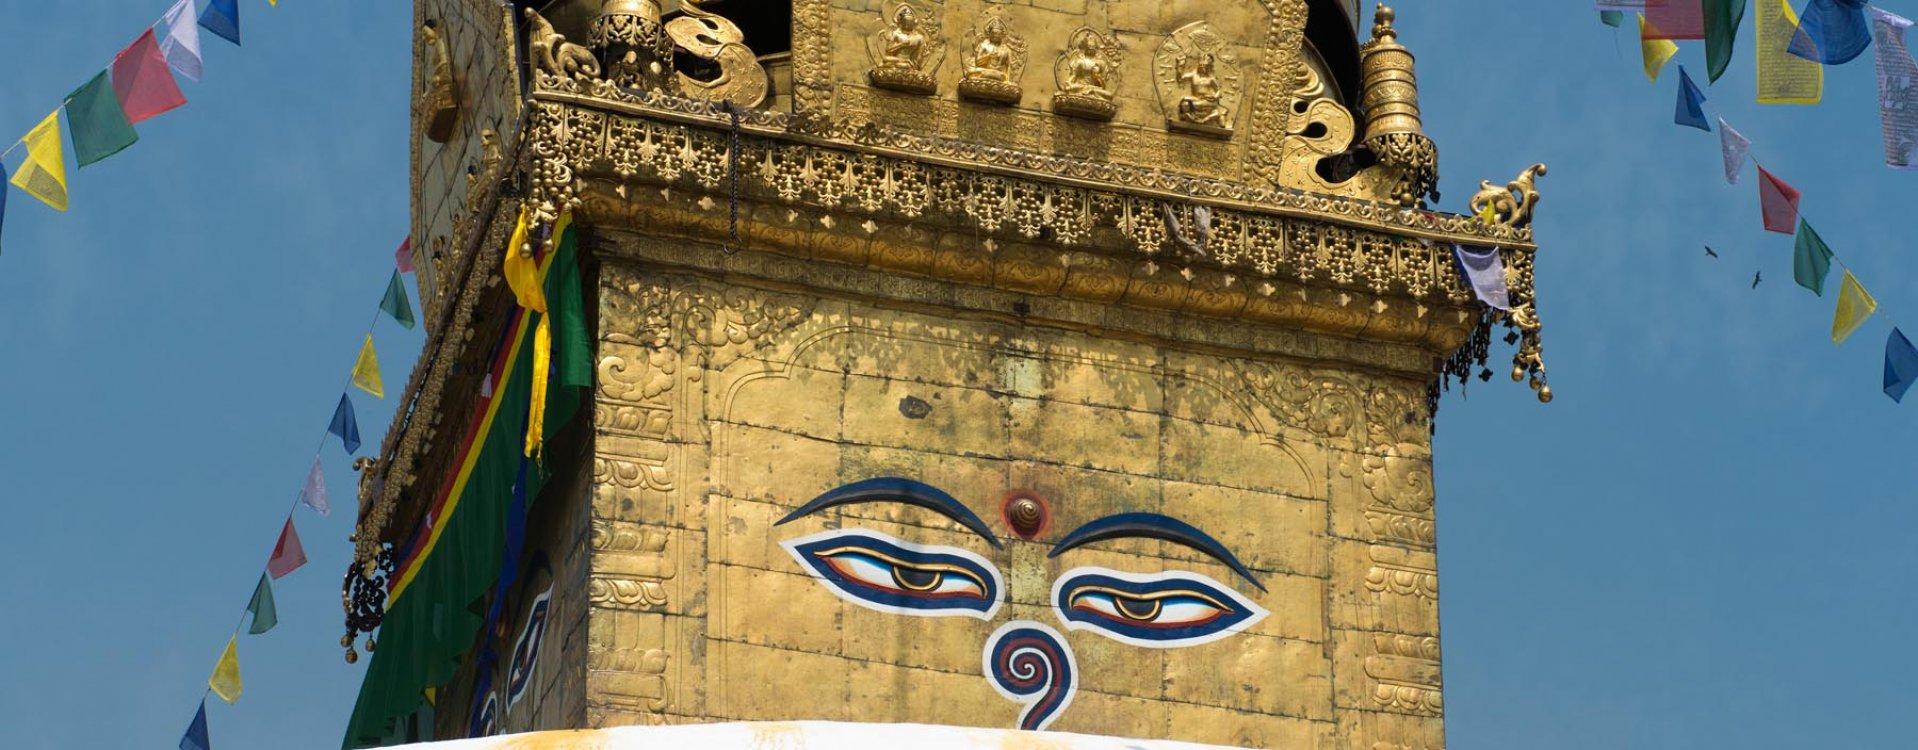 Kathmandu, Bodnath tempel